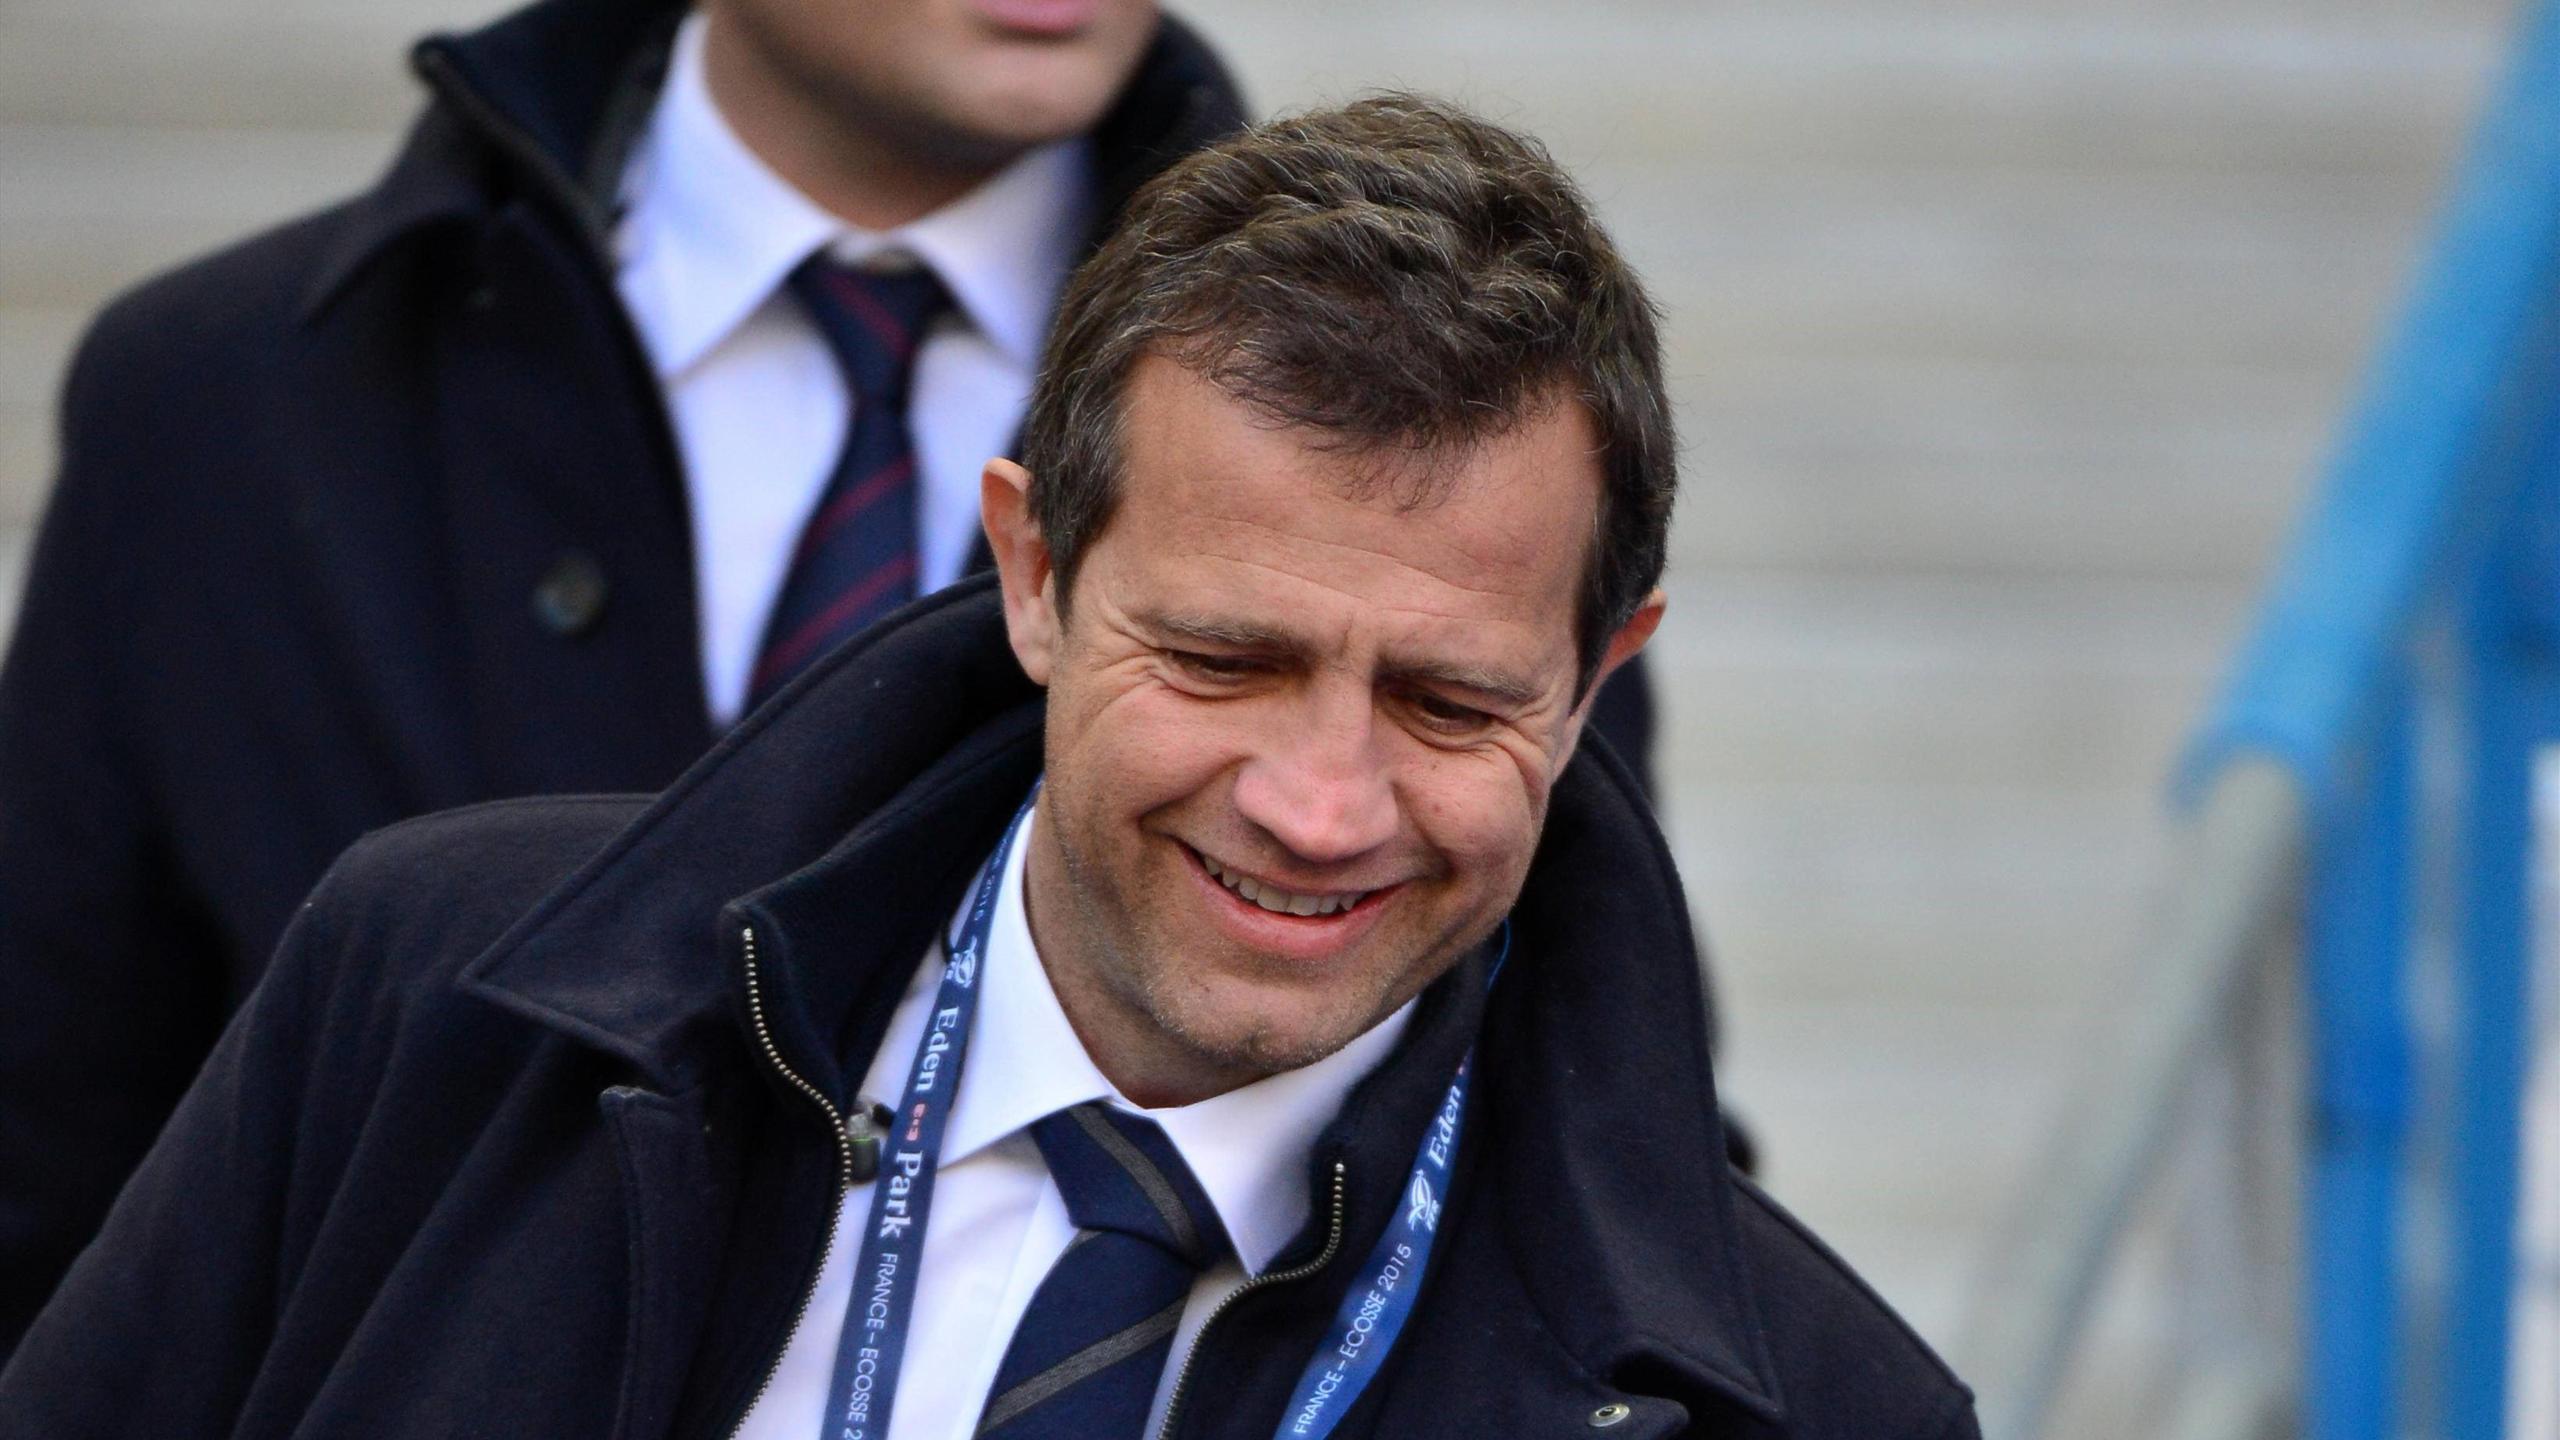 Fabien Galthié dans les tribunes avant France-Ecosse - 7 février 2015